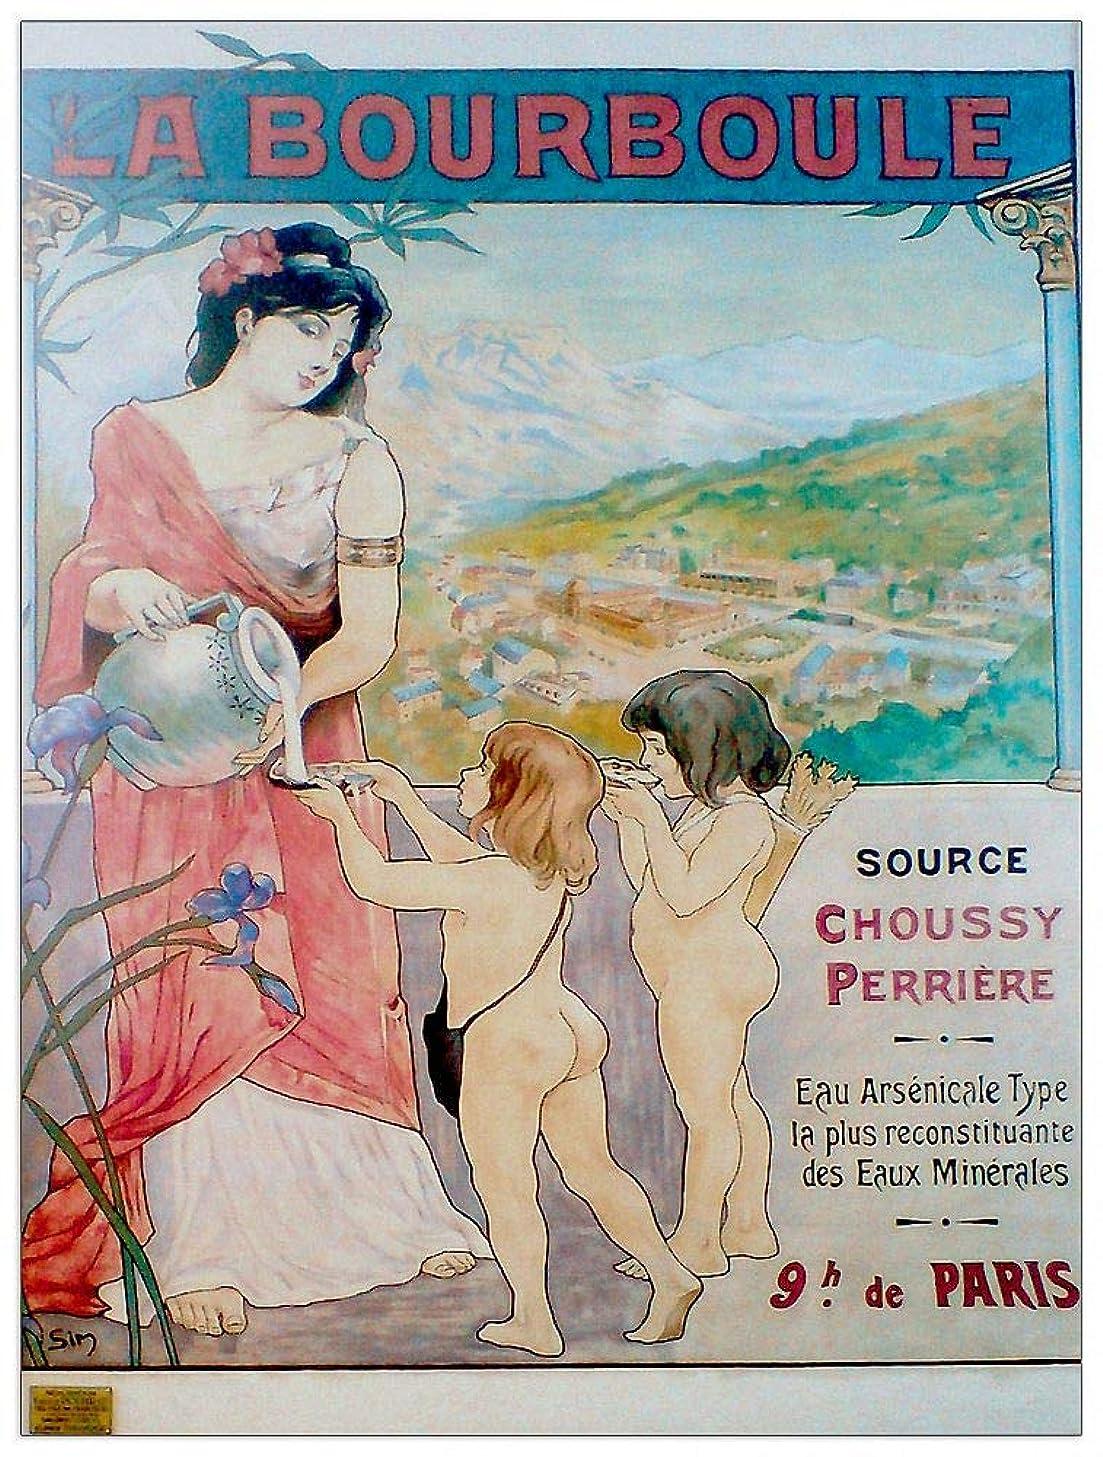 ArtPlaza TW91610 La Bourboule Decorative Panel 27.5x35.5 Inch Multicolored